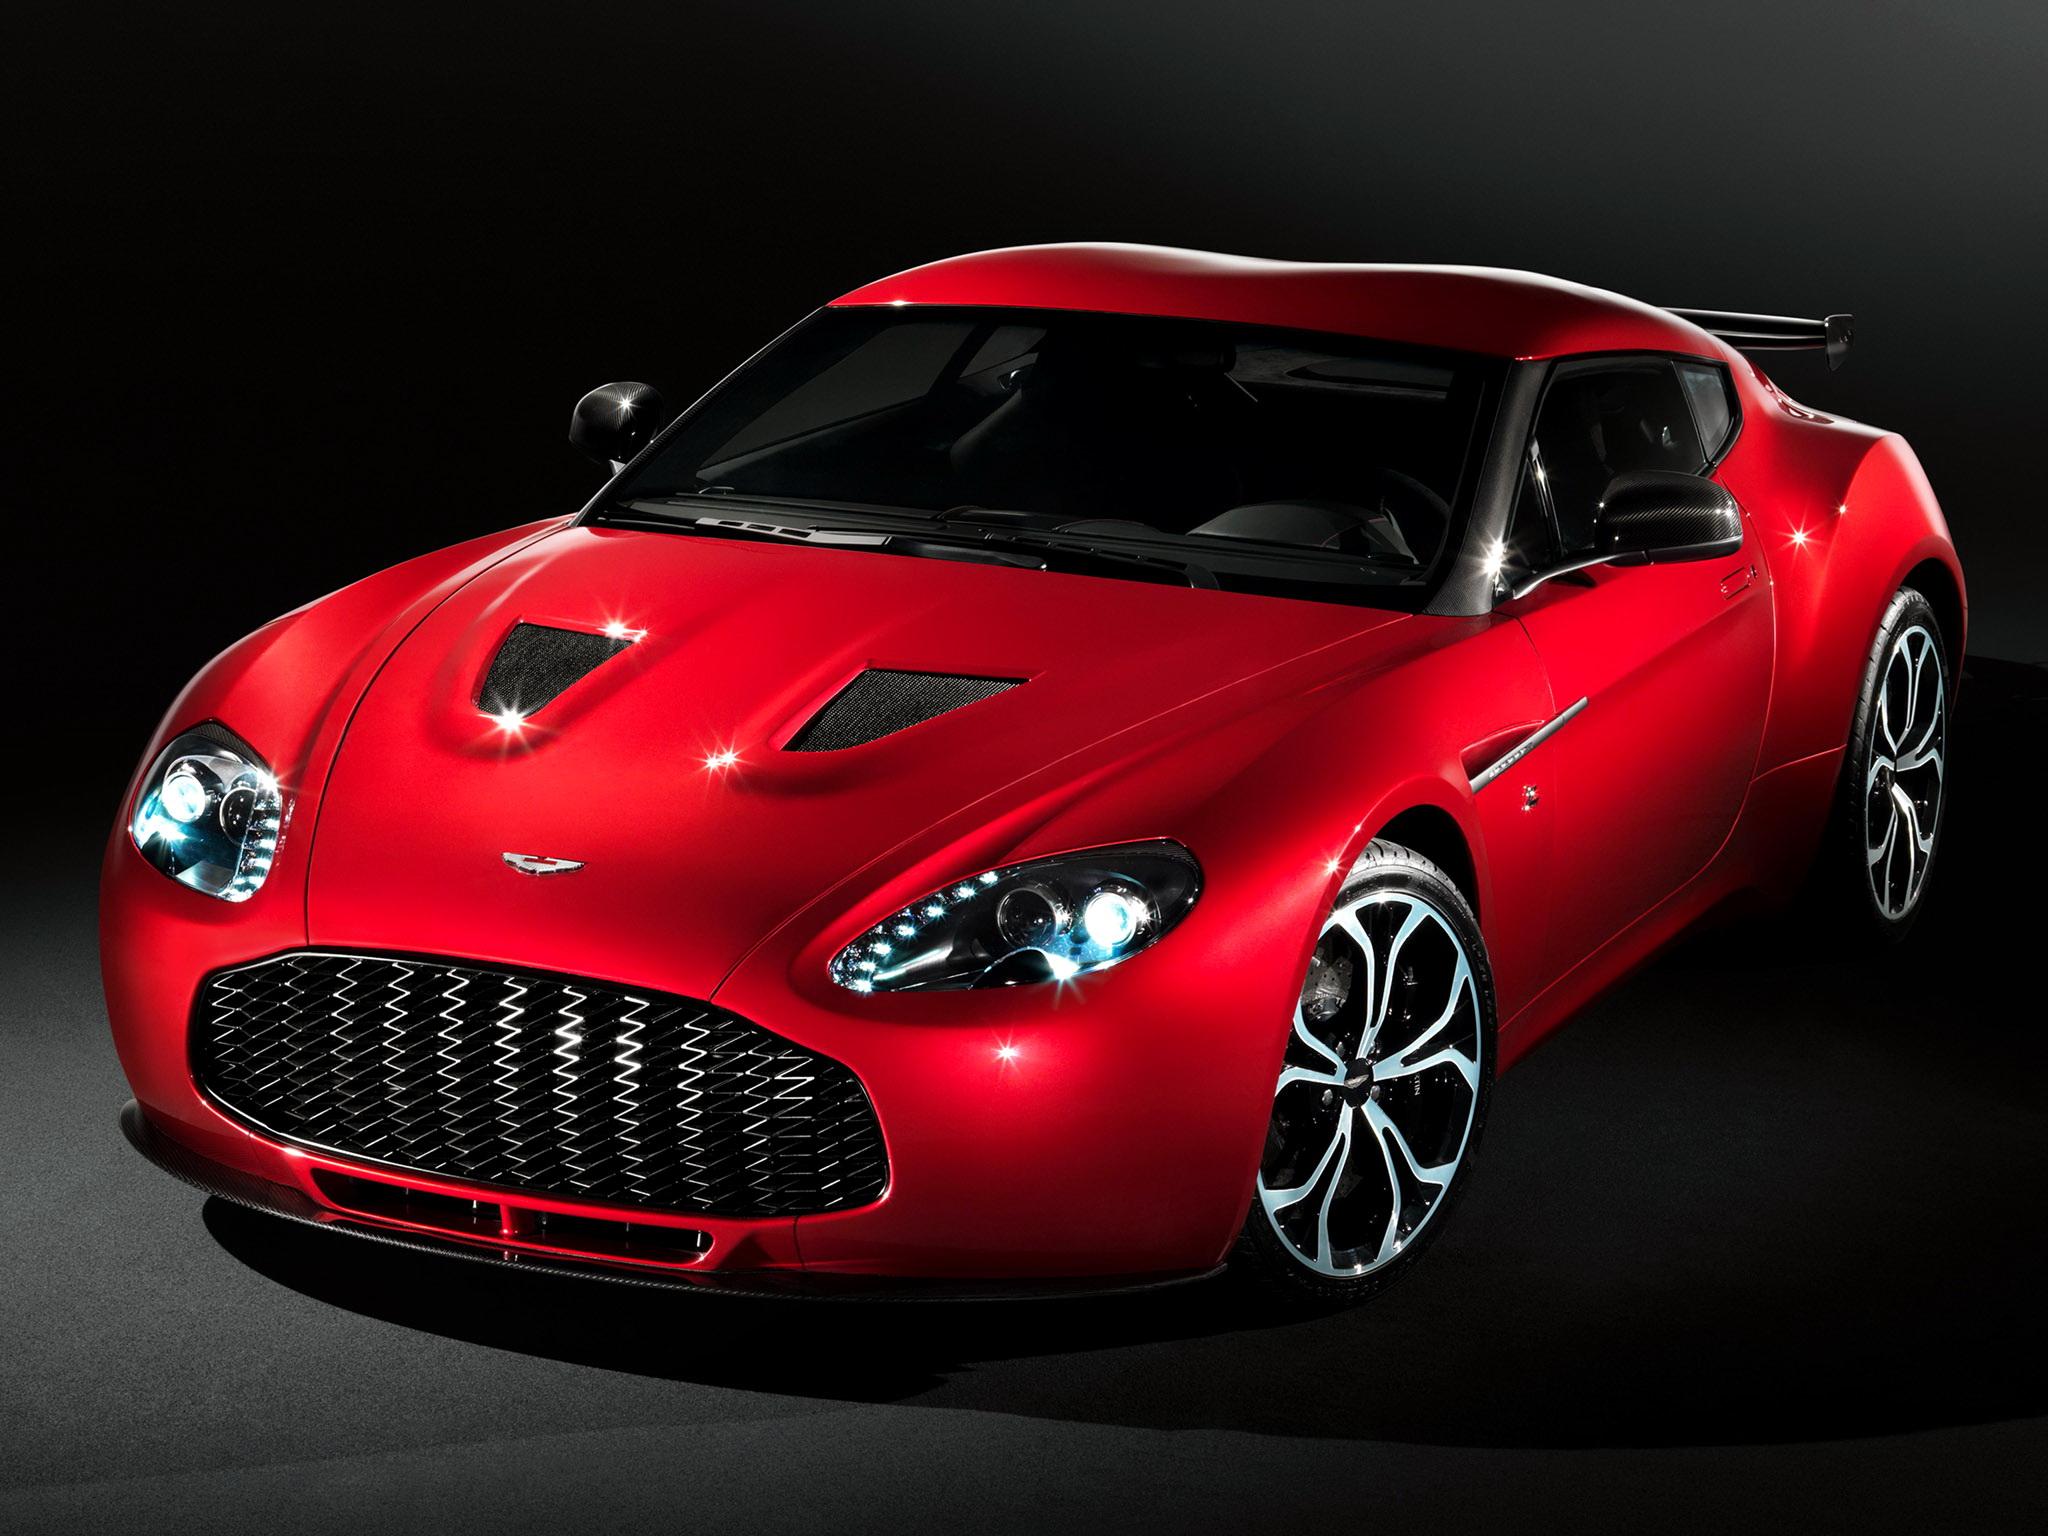 Aston Martin V12 Zagato Pics, Vehicles Collection